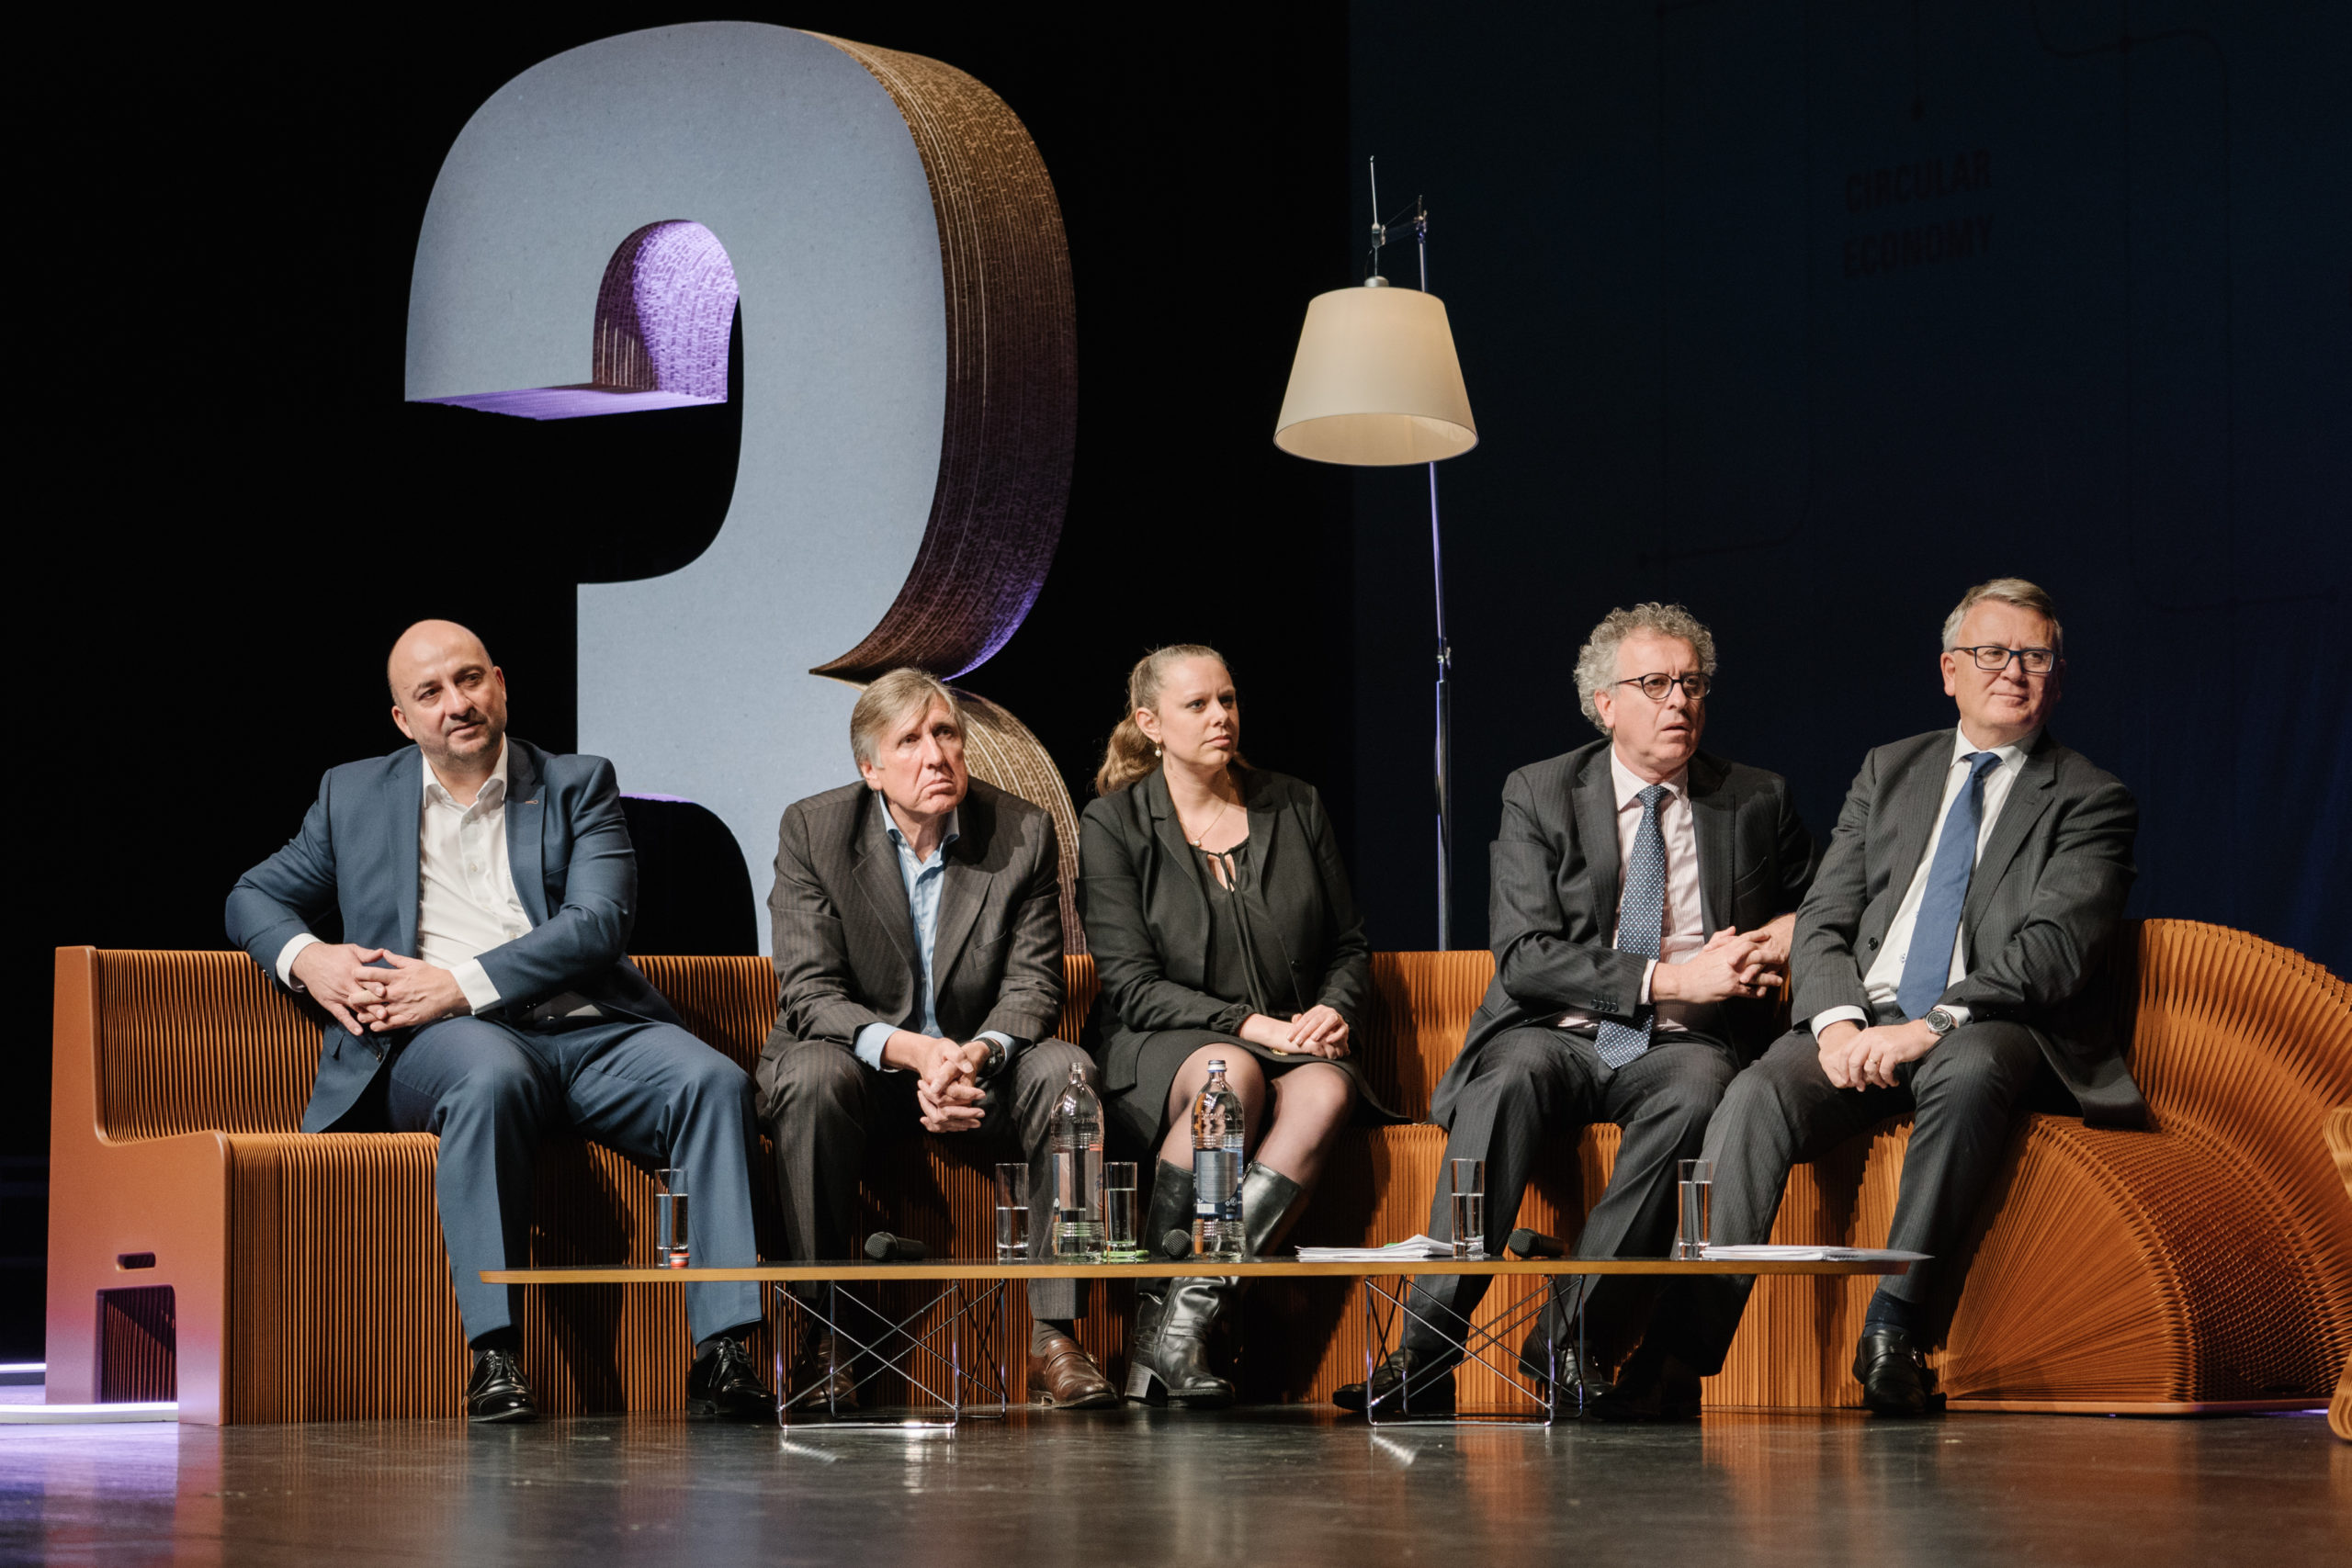 Shine a light agence évènementielle luxembourg - créateur d'expériences immersives - Conférence Tir+3